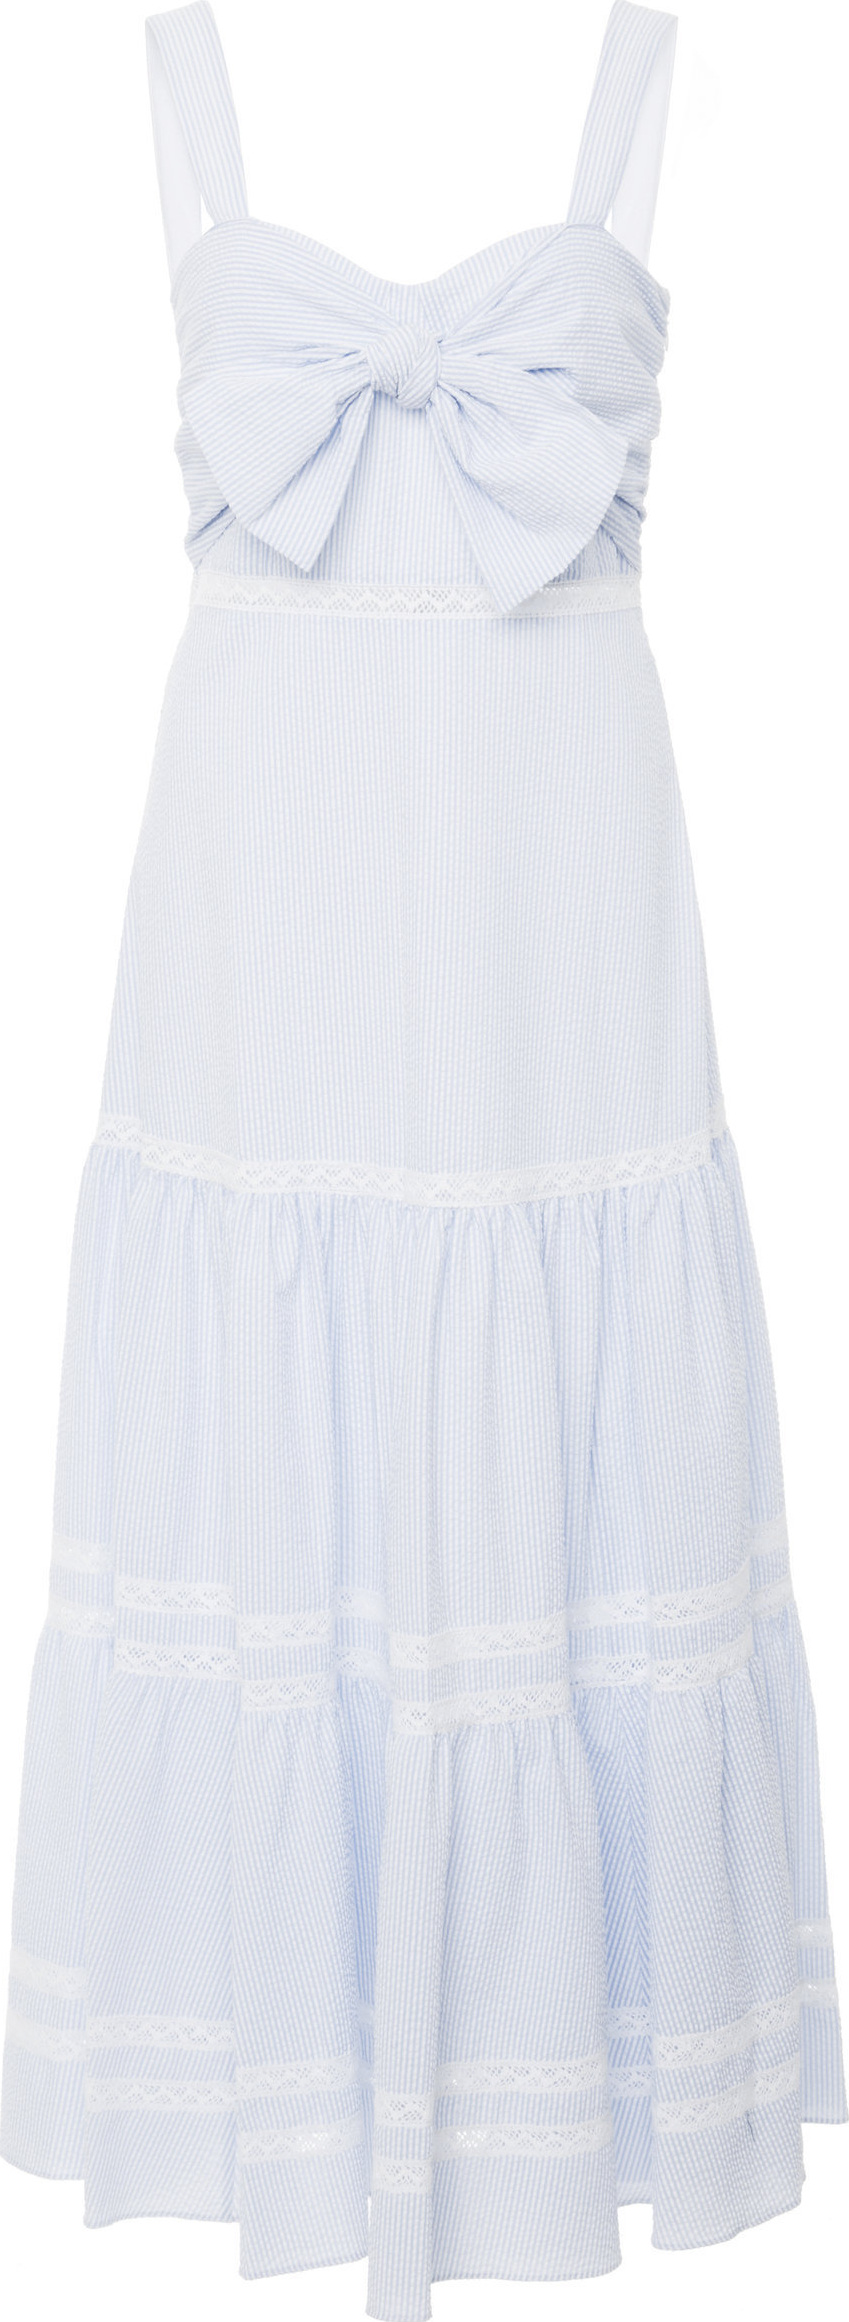 Jonathan Simkhai - Tiered Cotton-Blend Maxi Dress